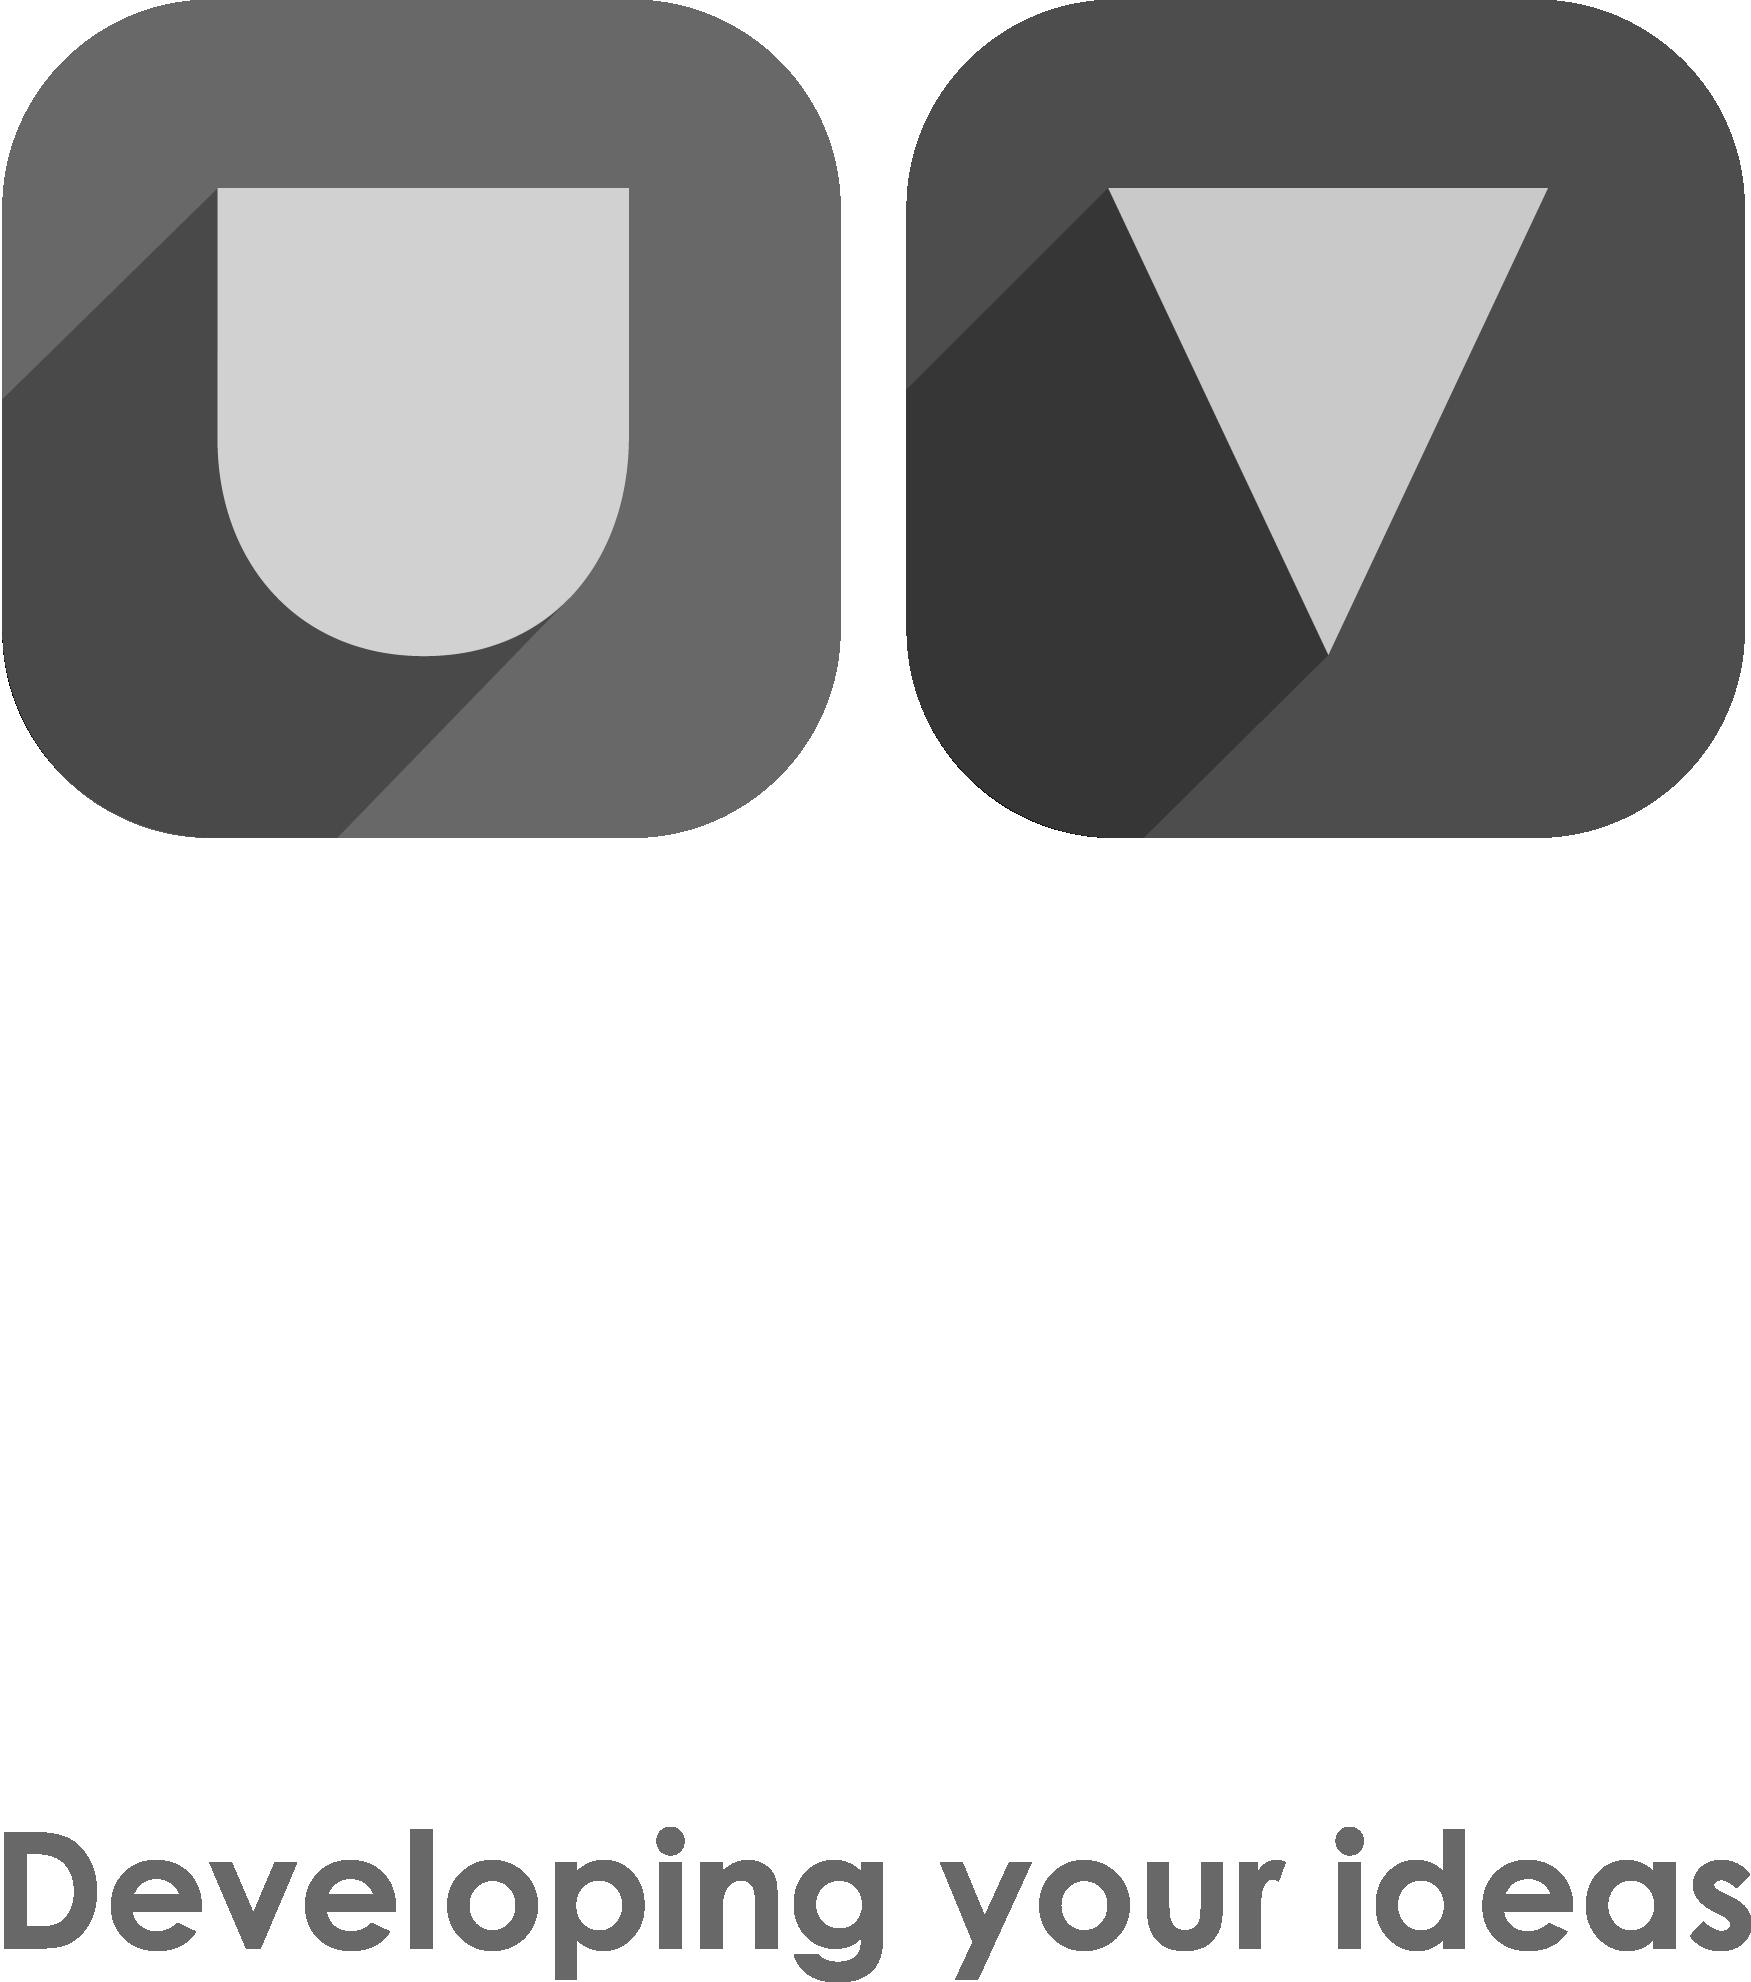 UV Digital Services